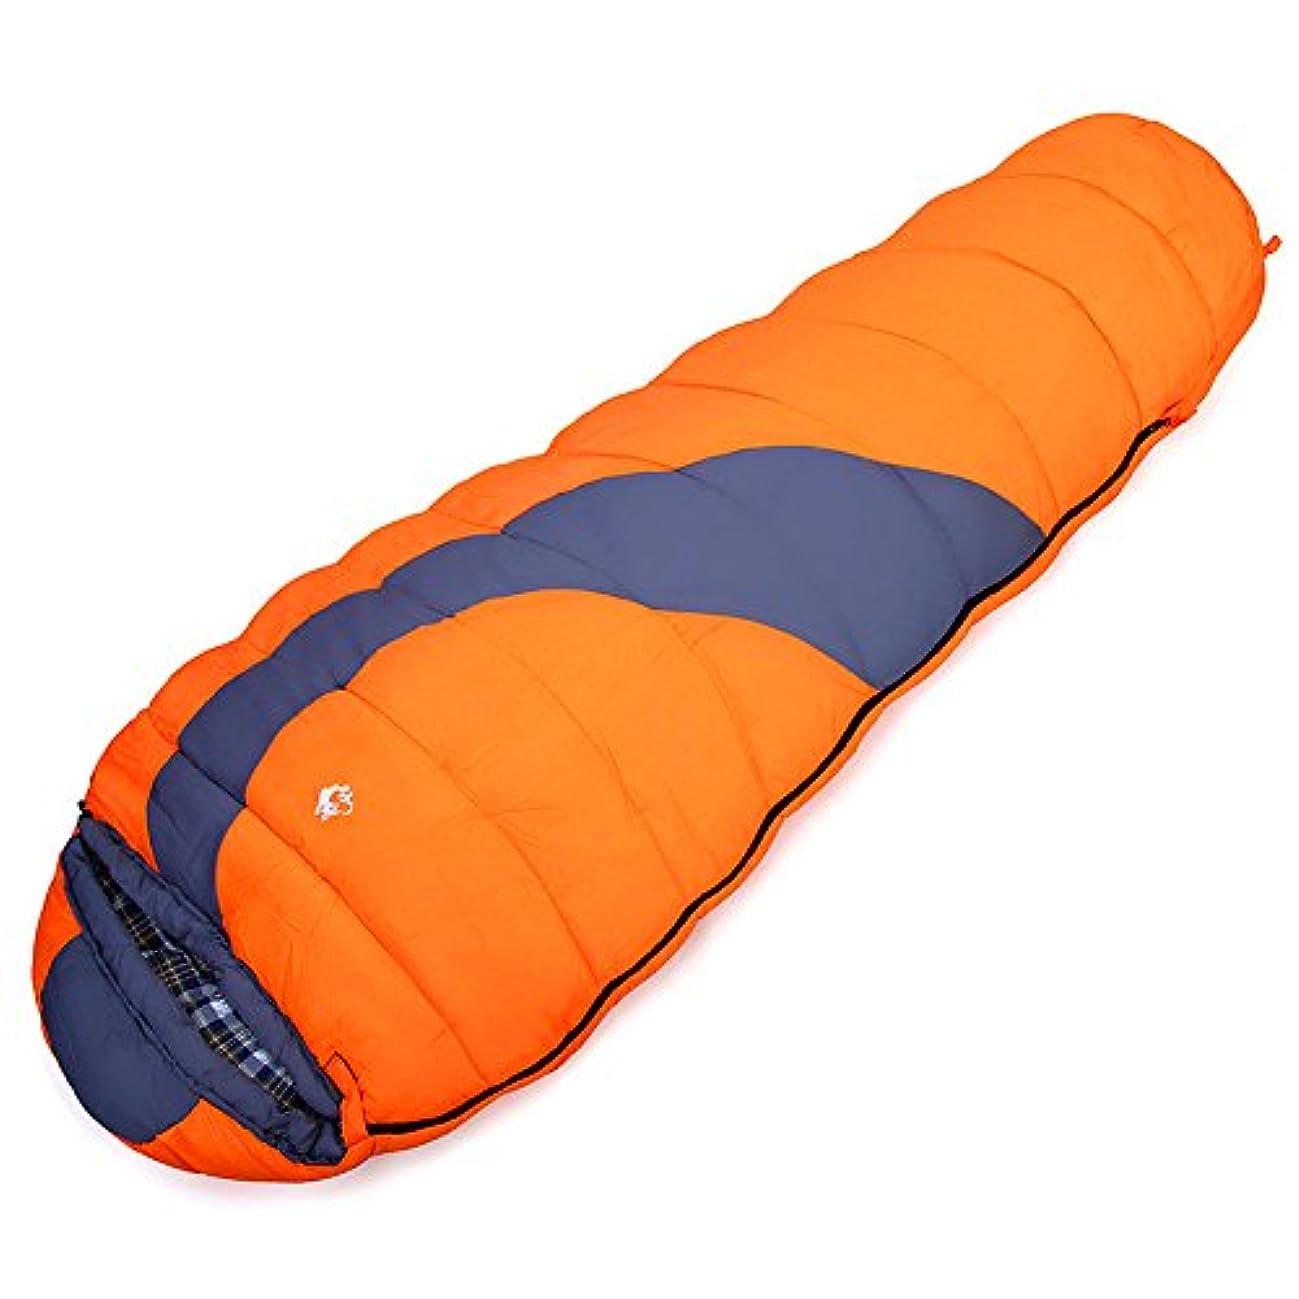 娘タイムリーな分泌するWaterly おしゃれで 寝袋防水寝袋便利な圧縮暖かくて快適な二層設計品質保証断熱効果防風 顧客に愛されて